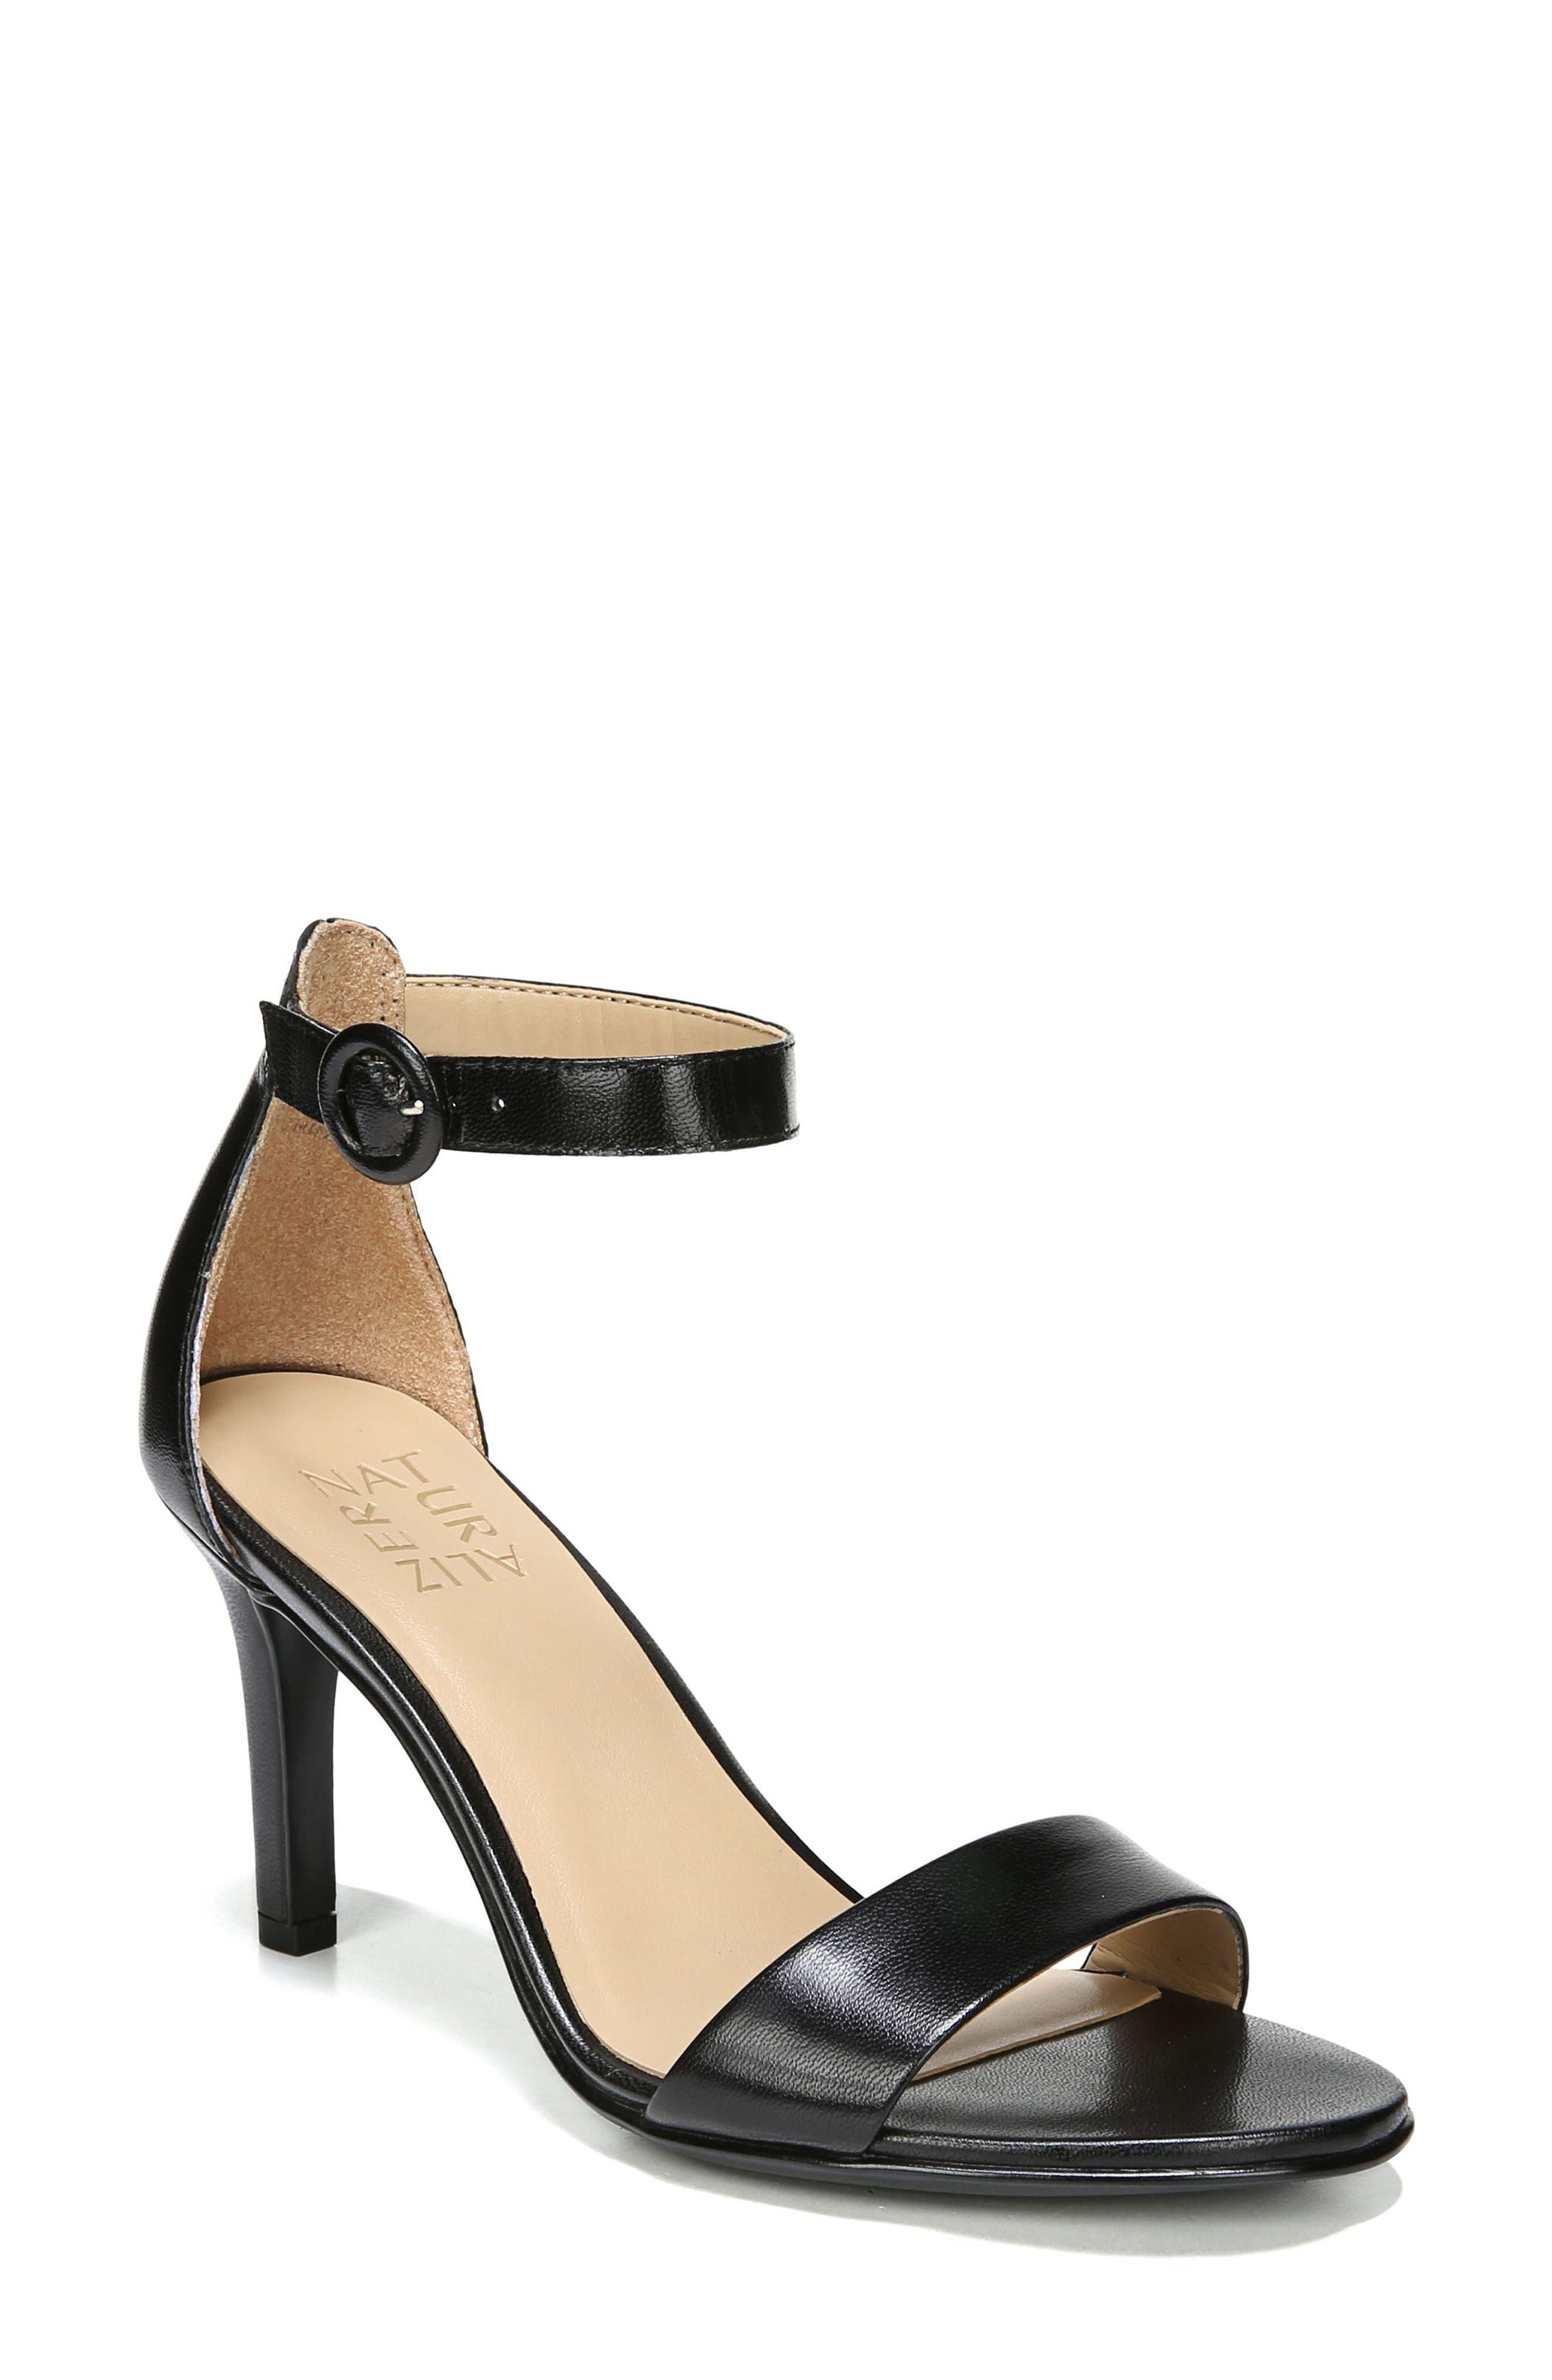 Kinsley Sandal,                         Main,                         color, BLACK LEATHER